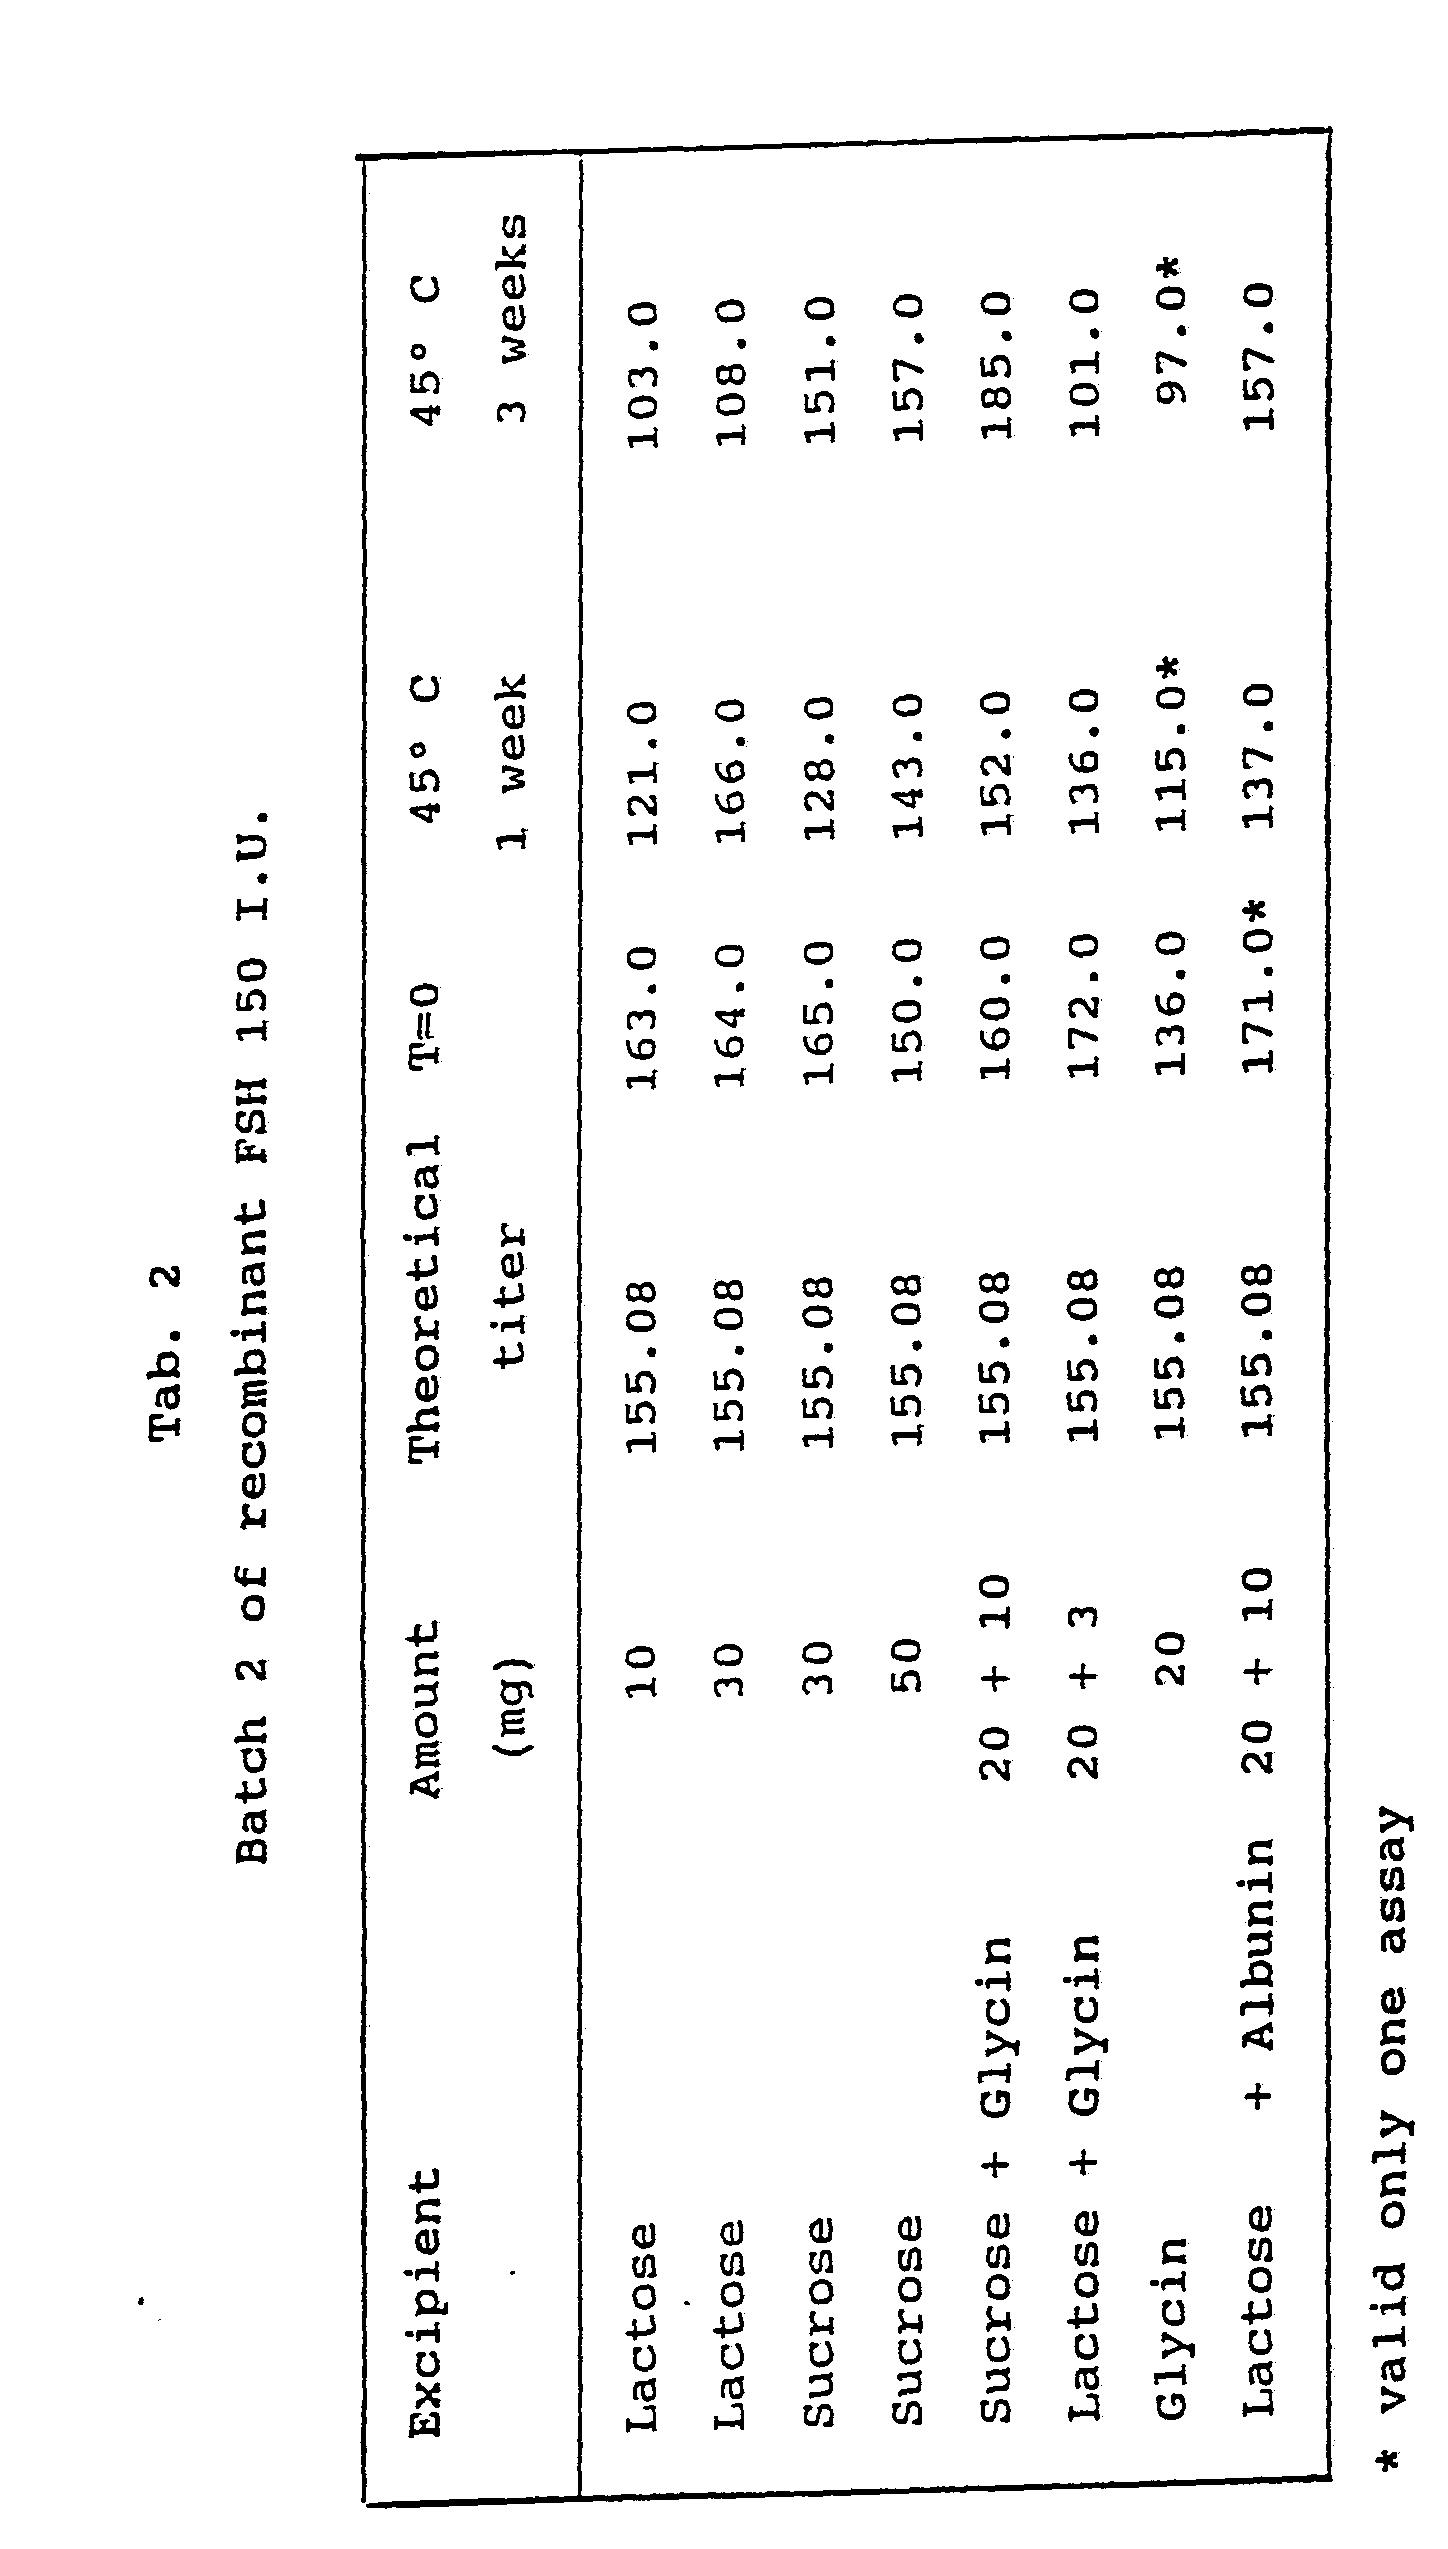 Figure imgf000008_0001